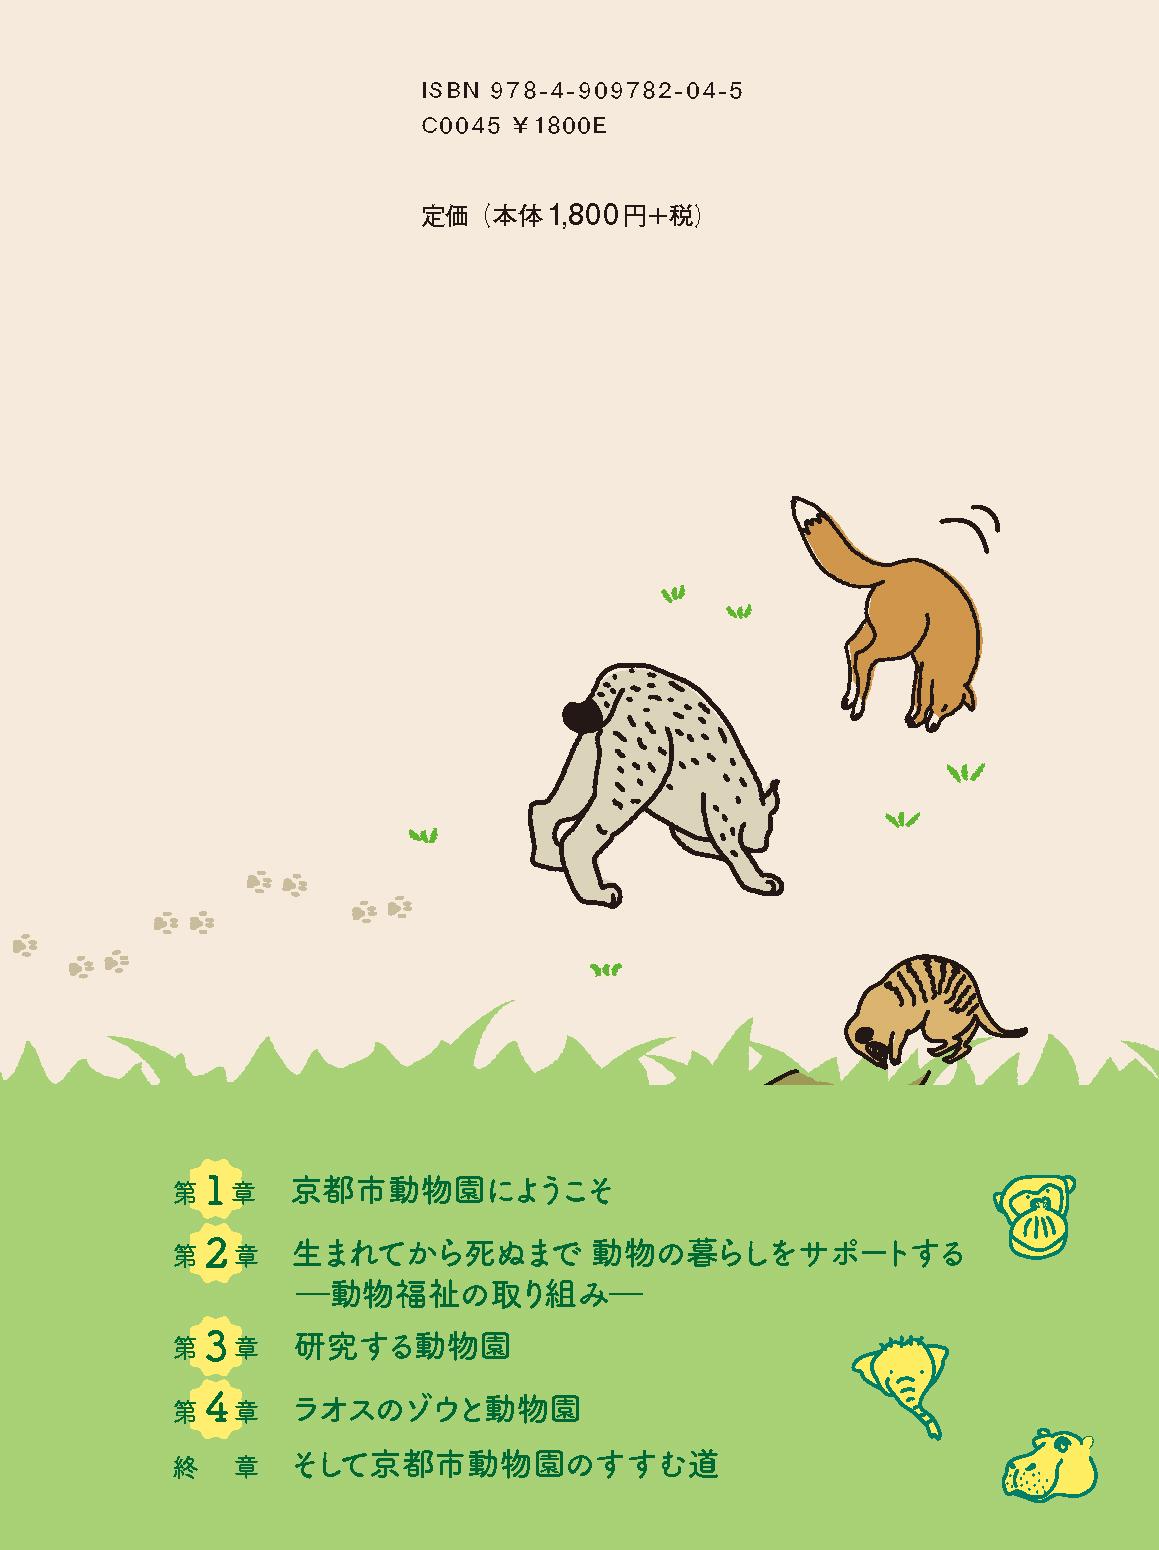 いのちをつなぐ動物園書影2